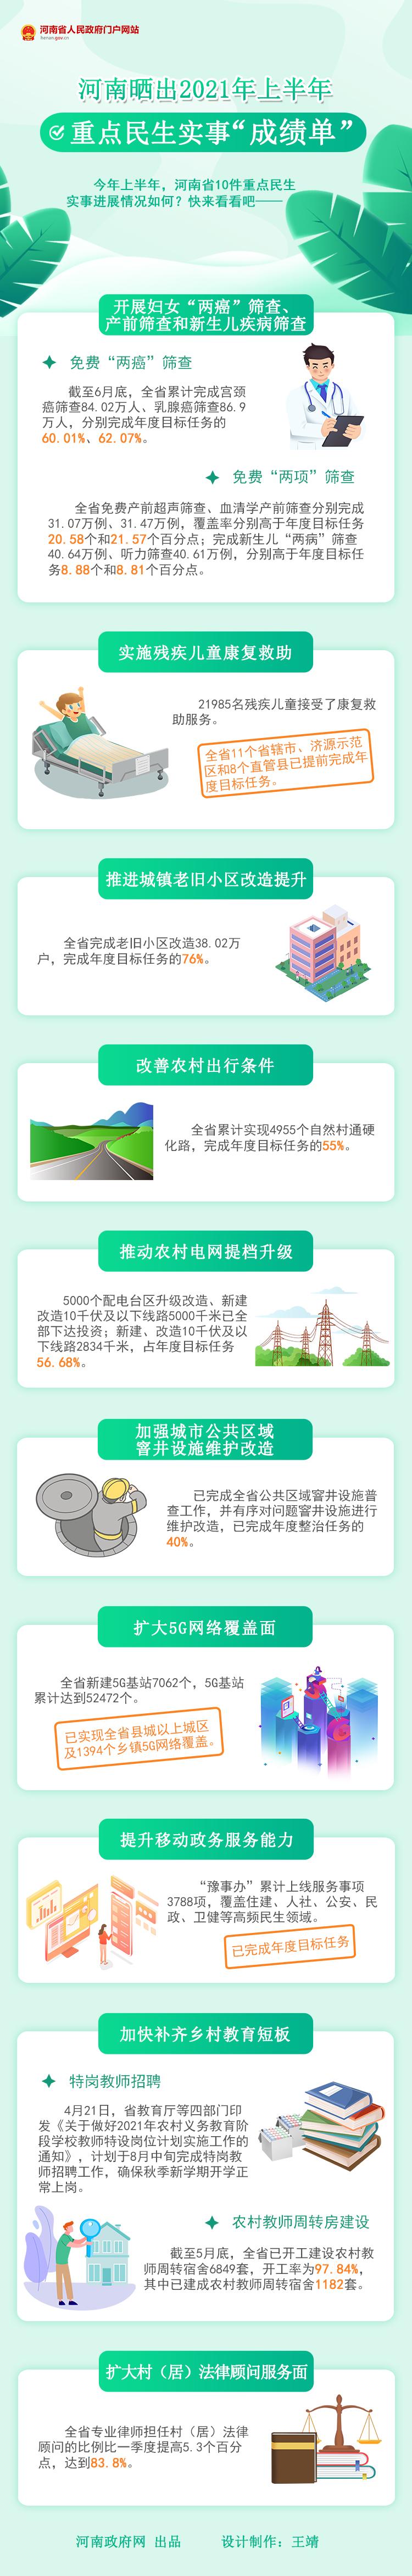 """图解:河南晒出2021年上半年重点民生实事""""成绩单"""""""